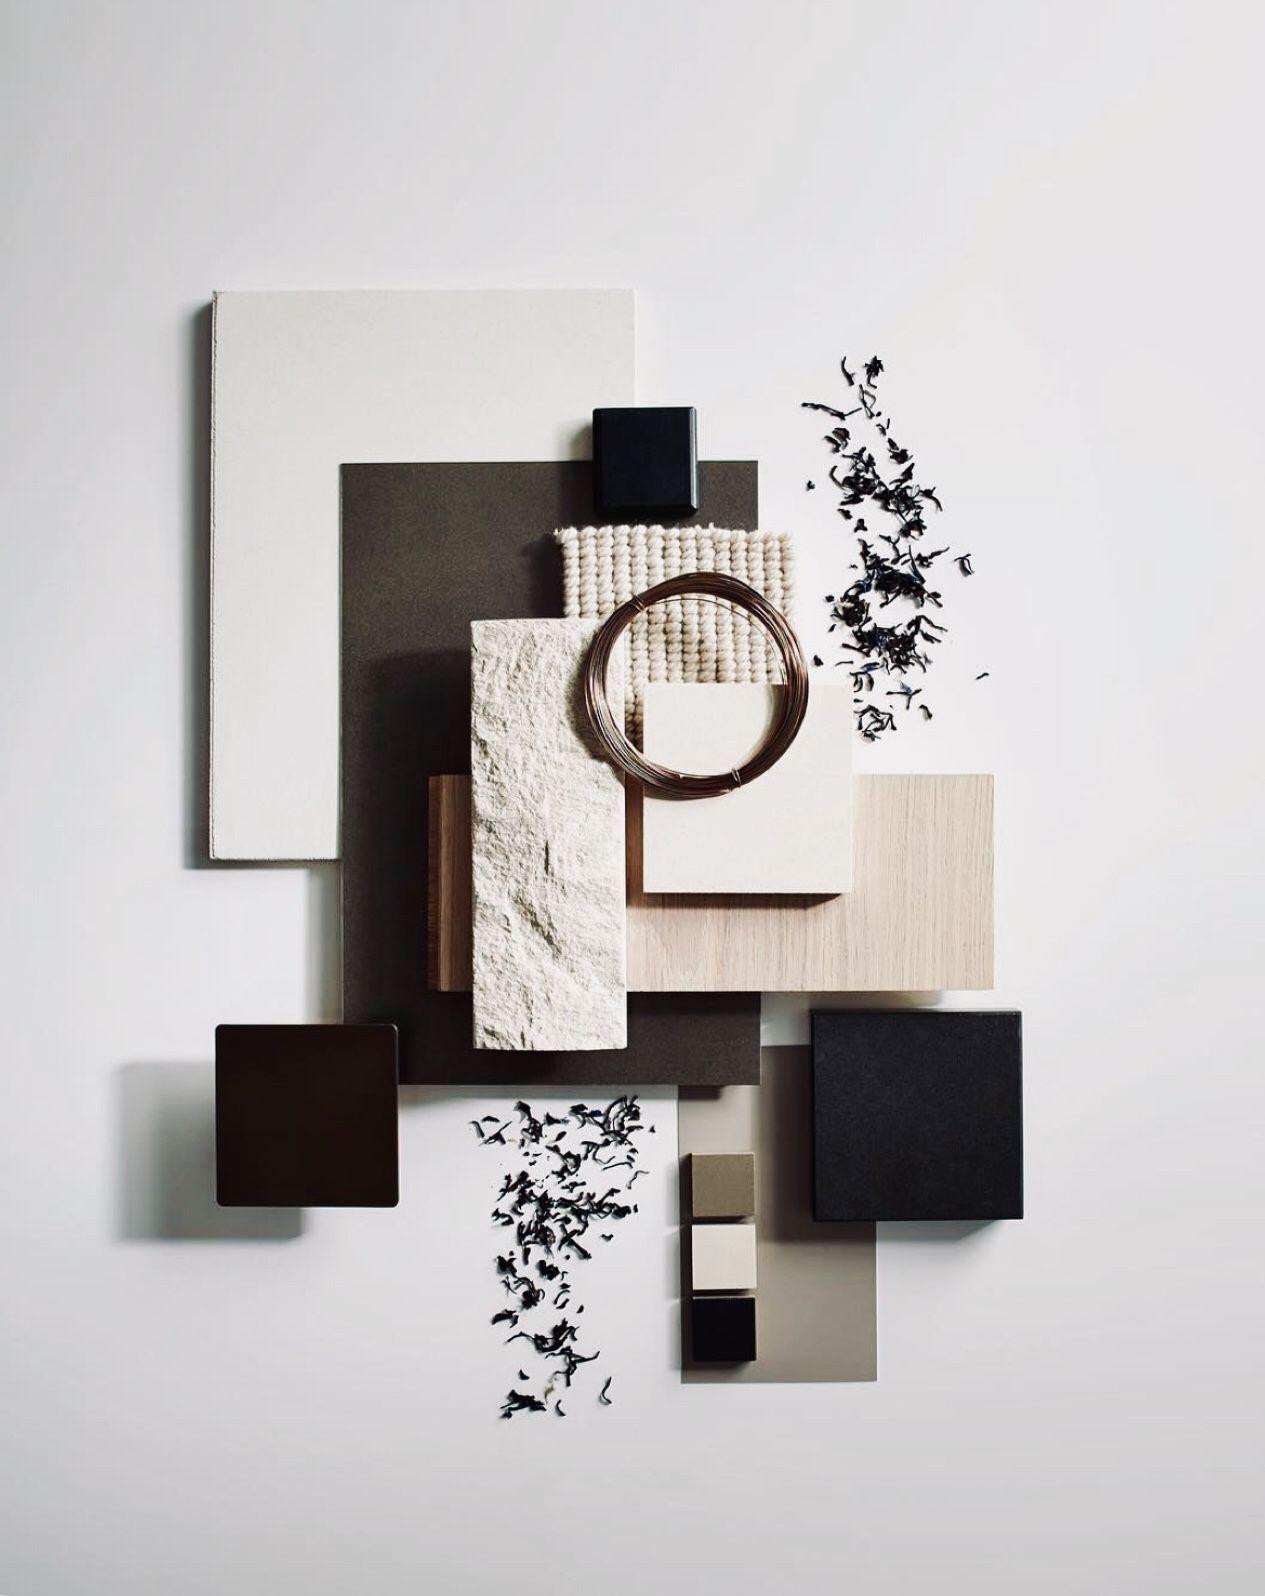 Concept Board Creative Mood Board Trends 2020 Interior Design Blog Inspiration Mood Board Interior Materials Board Interior Design Mood Board Design